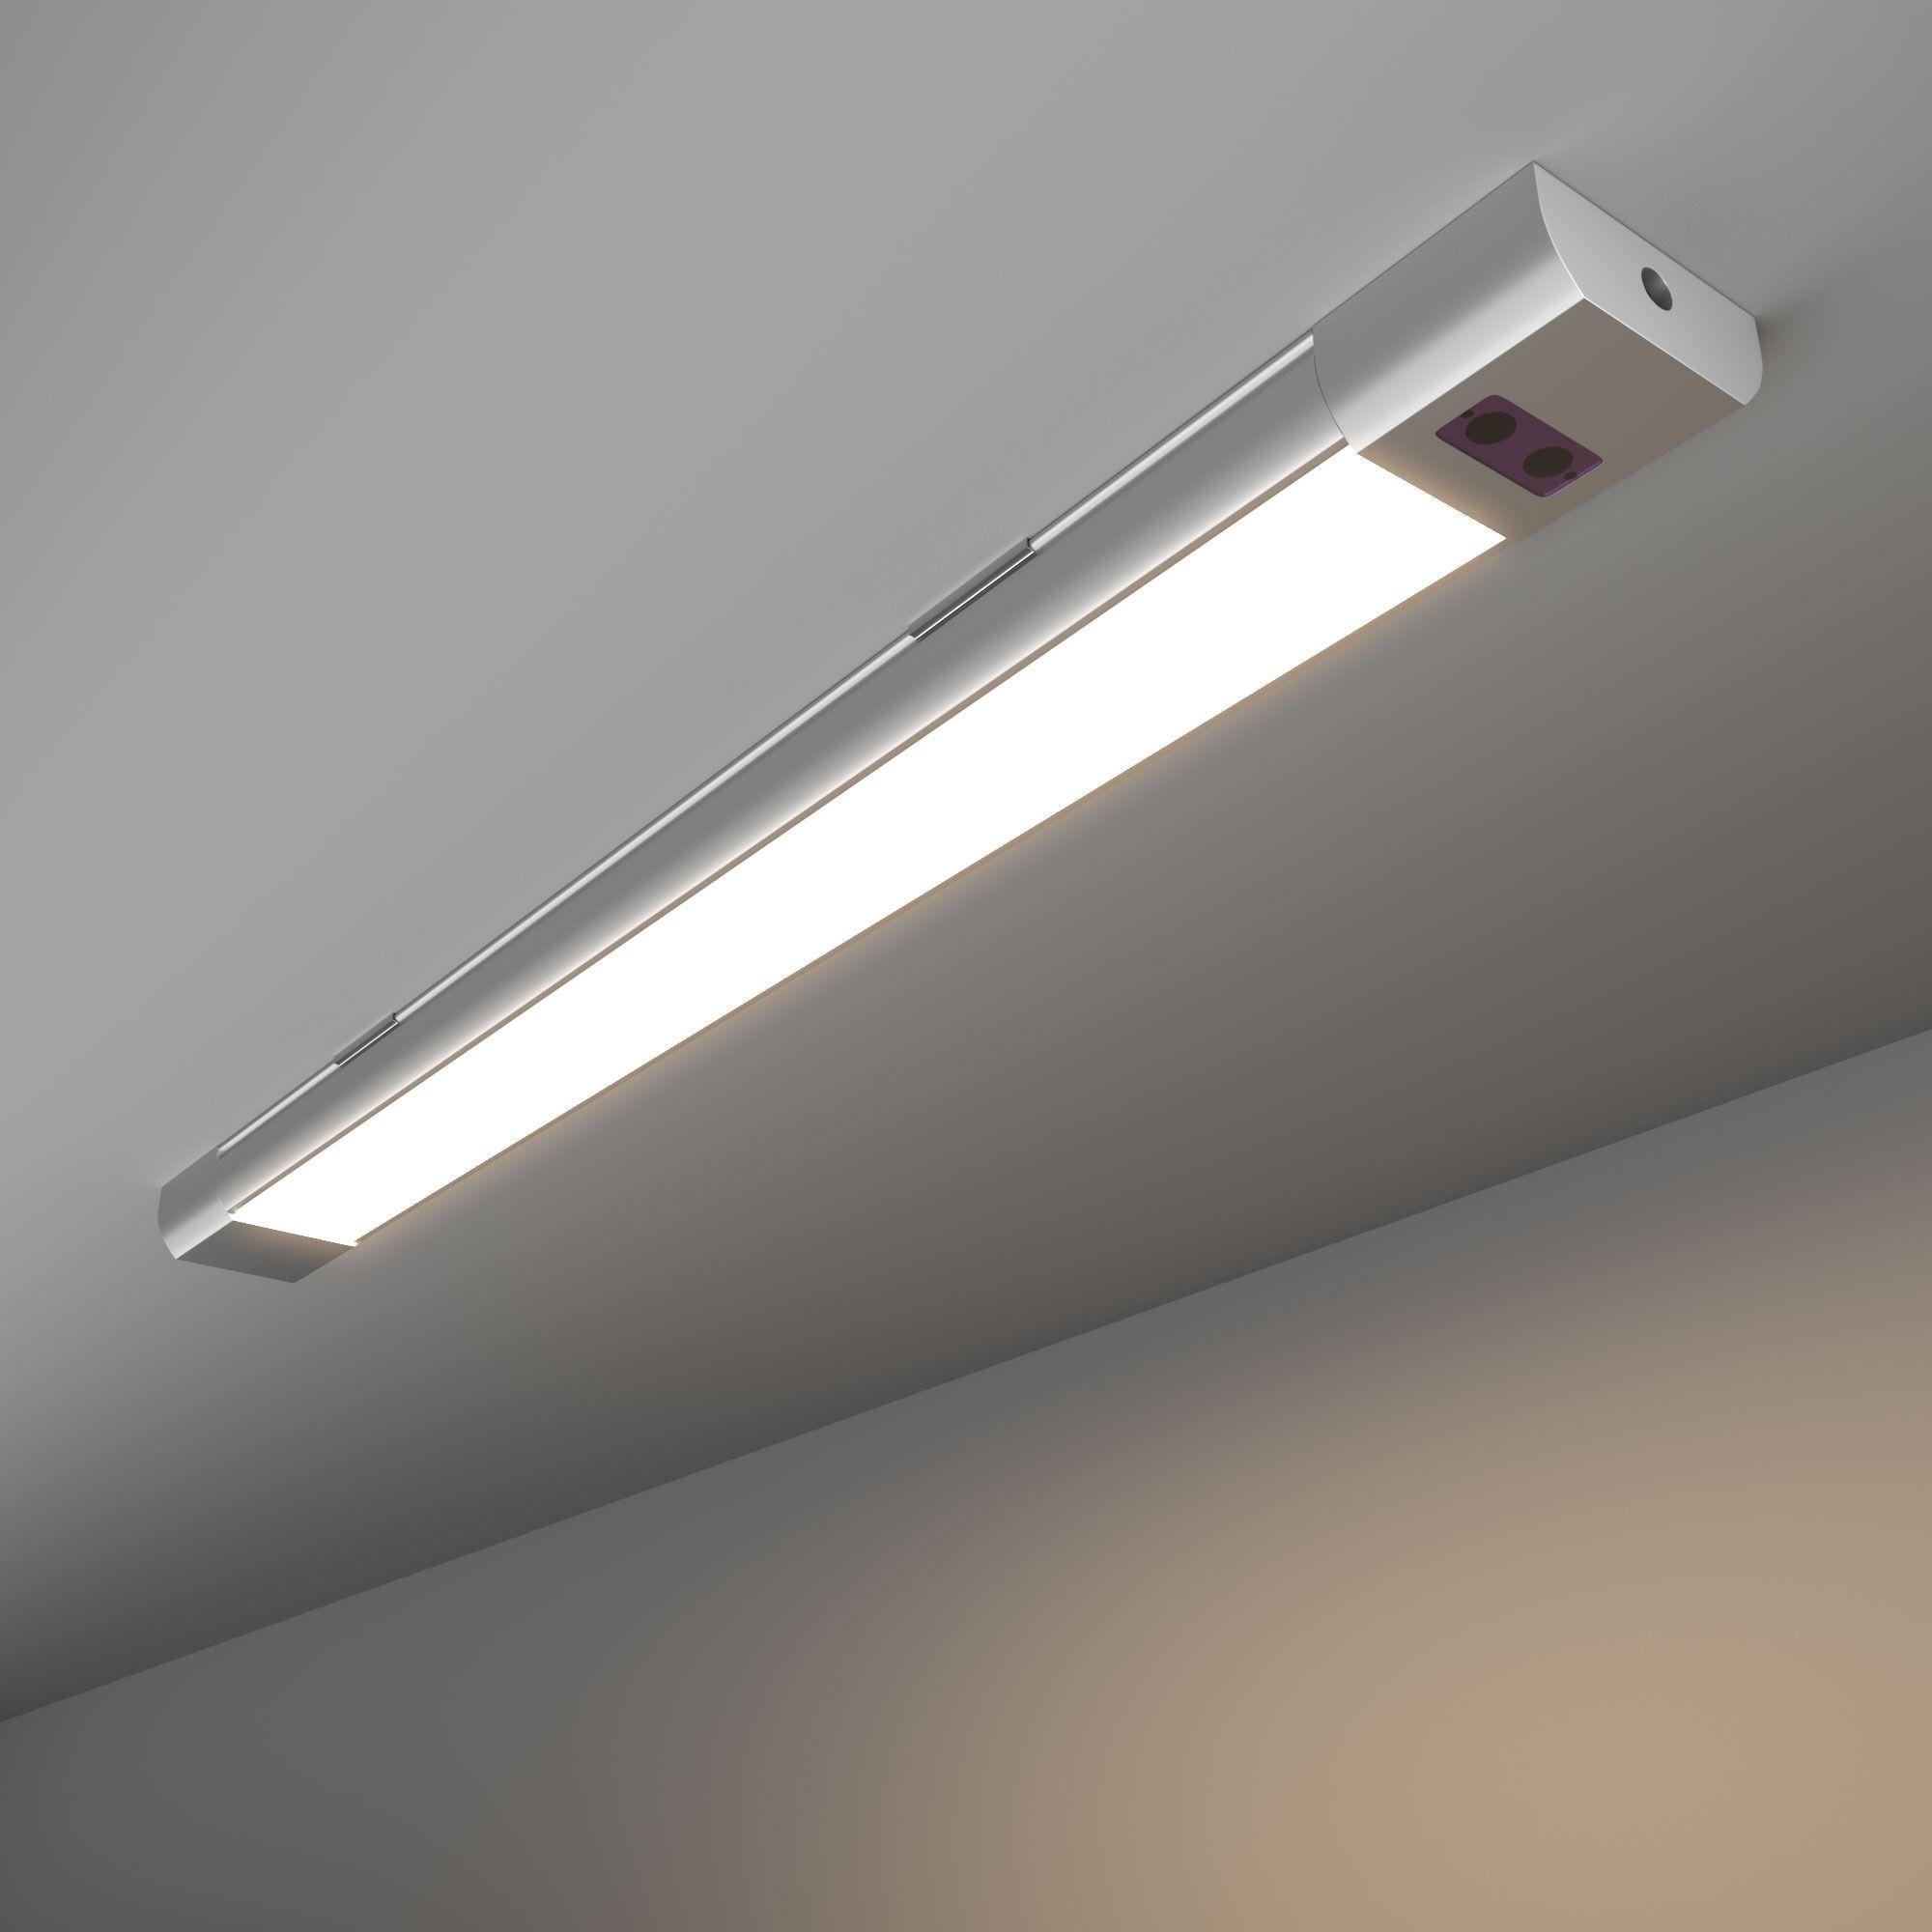 Светодиодный светильник сенсорный Led Stick 8Вт 4200K 50см LTB41 белый